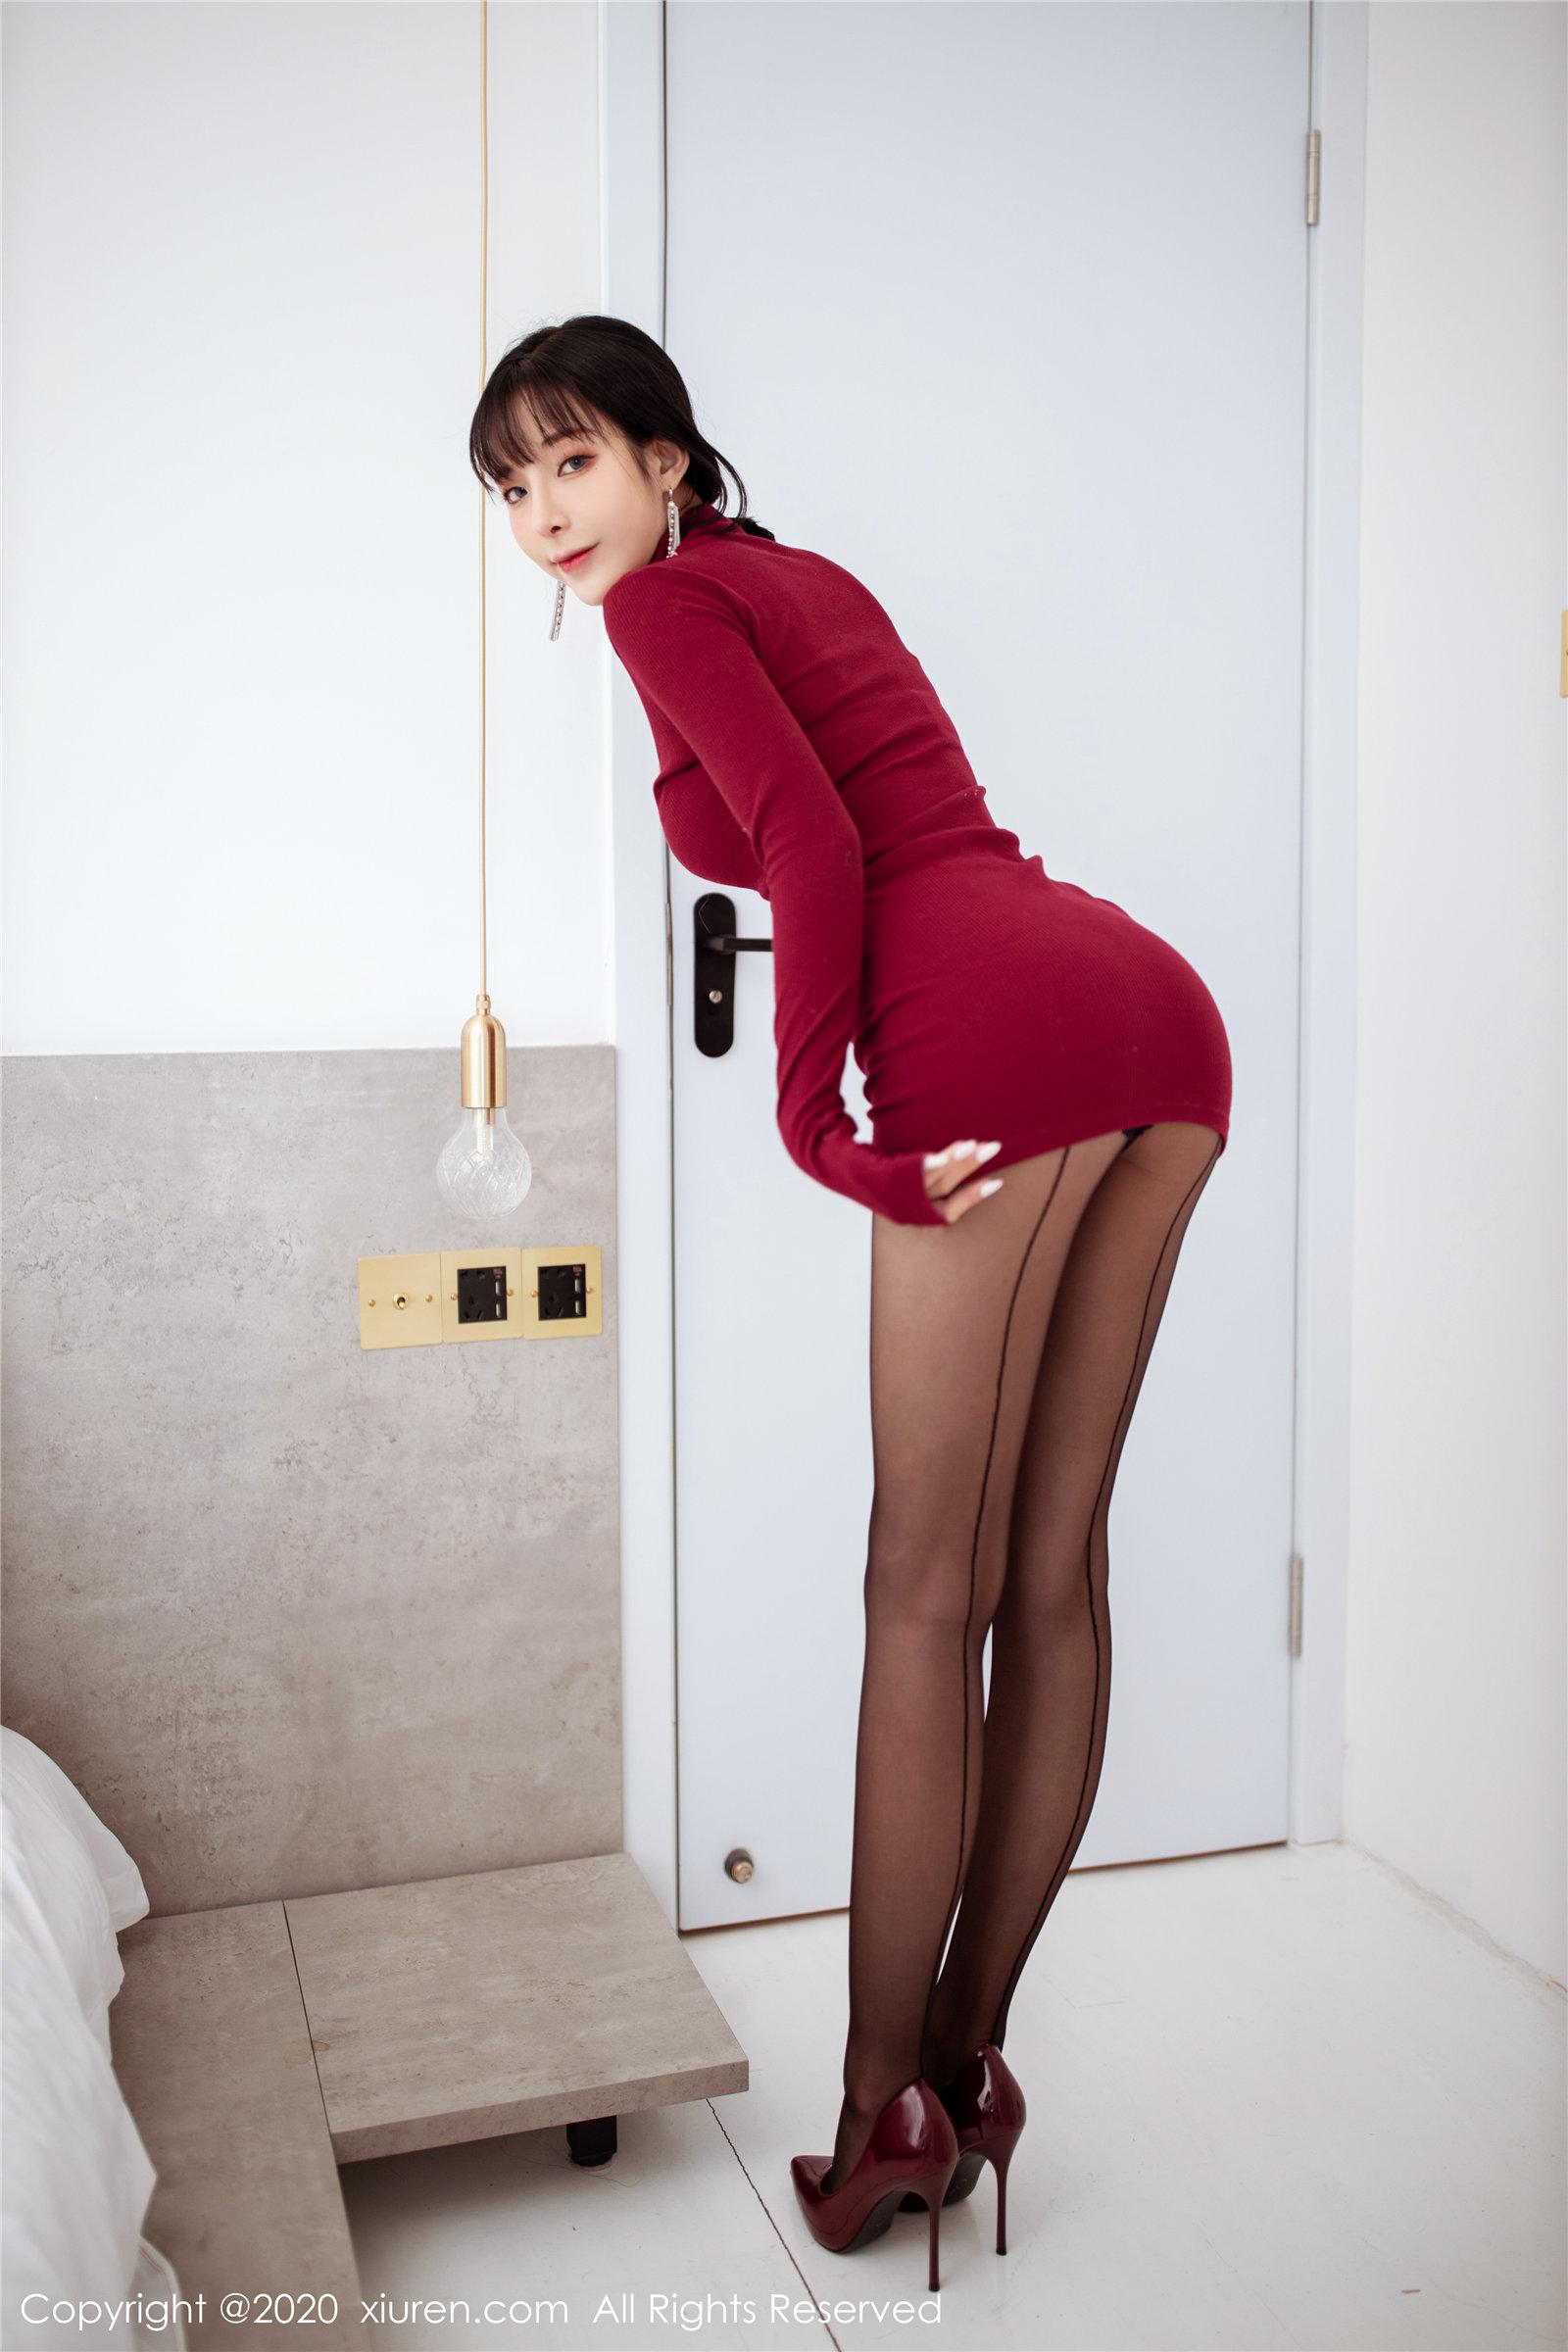 红色高领毛衣 高跟黑丝 陈小喵(Vol. 1968) 性感mm-第4张